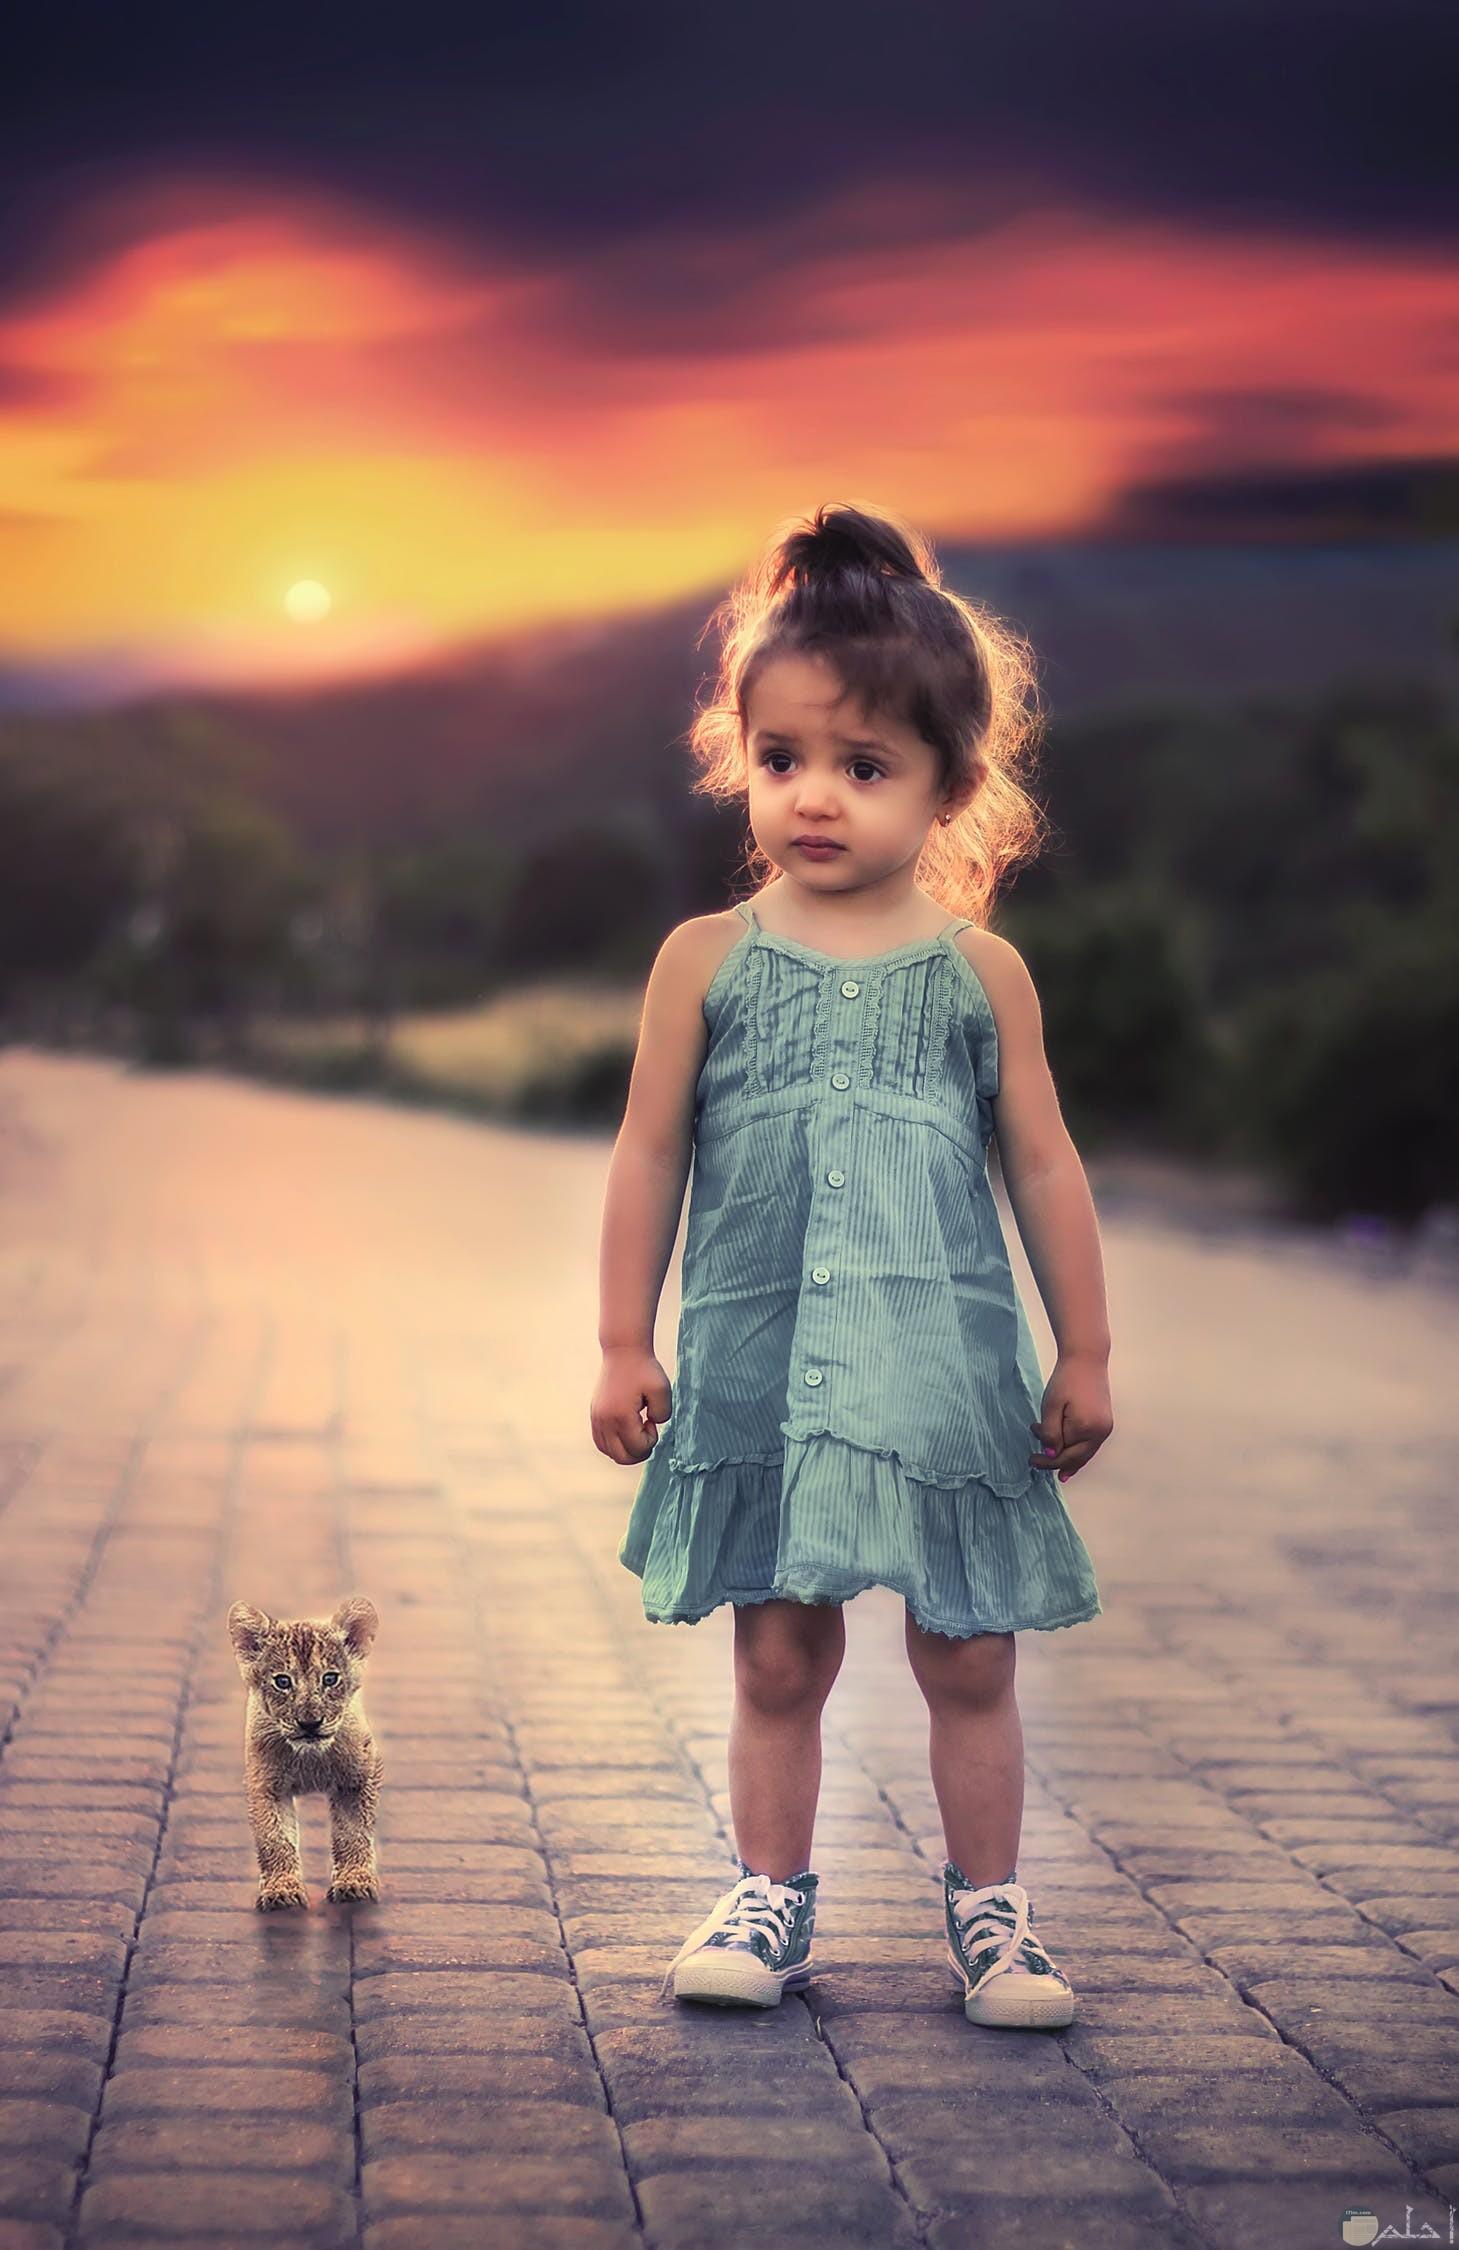 طفلة غاية في الجمال مع قطتها